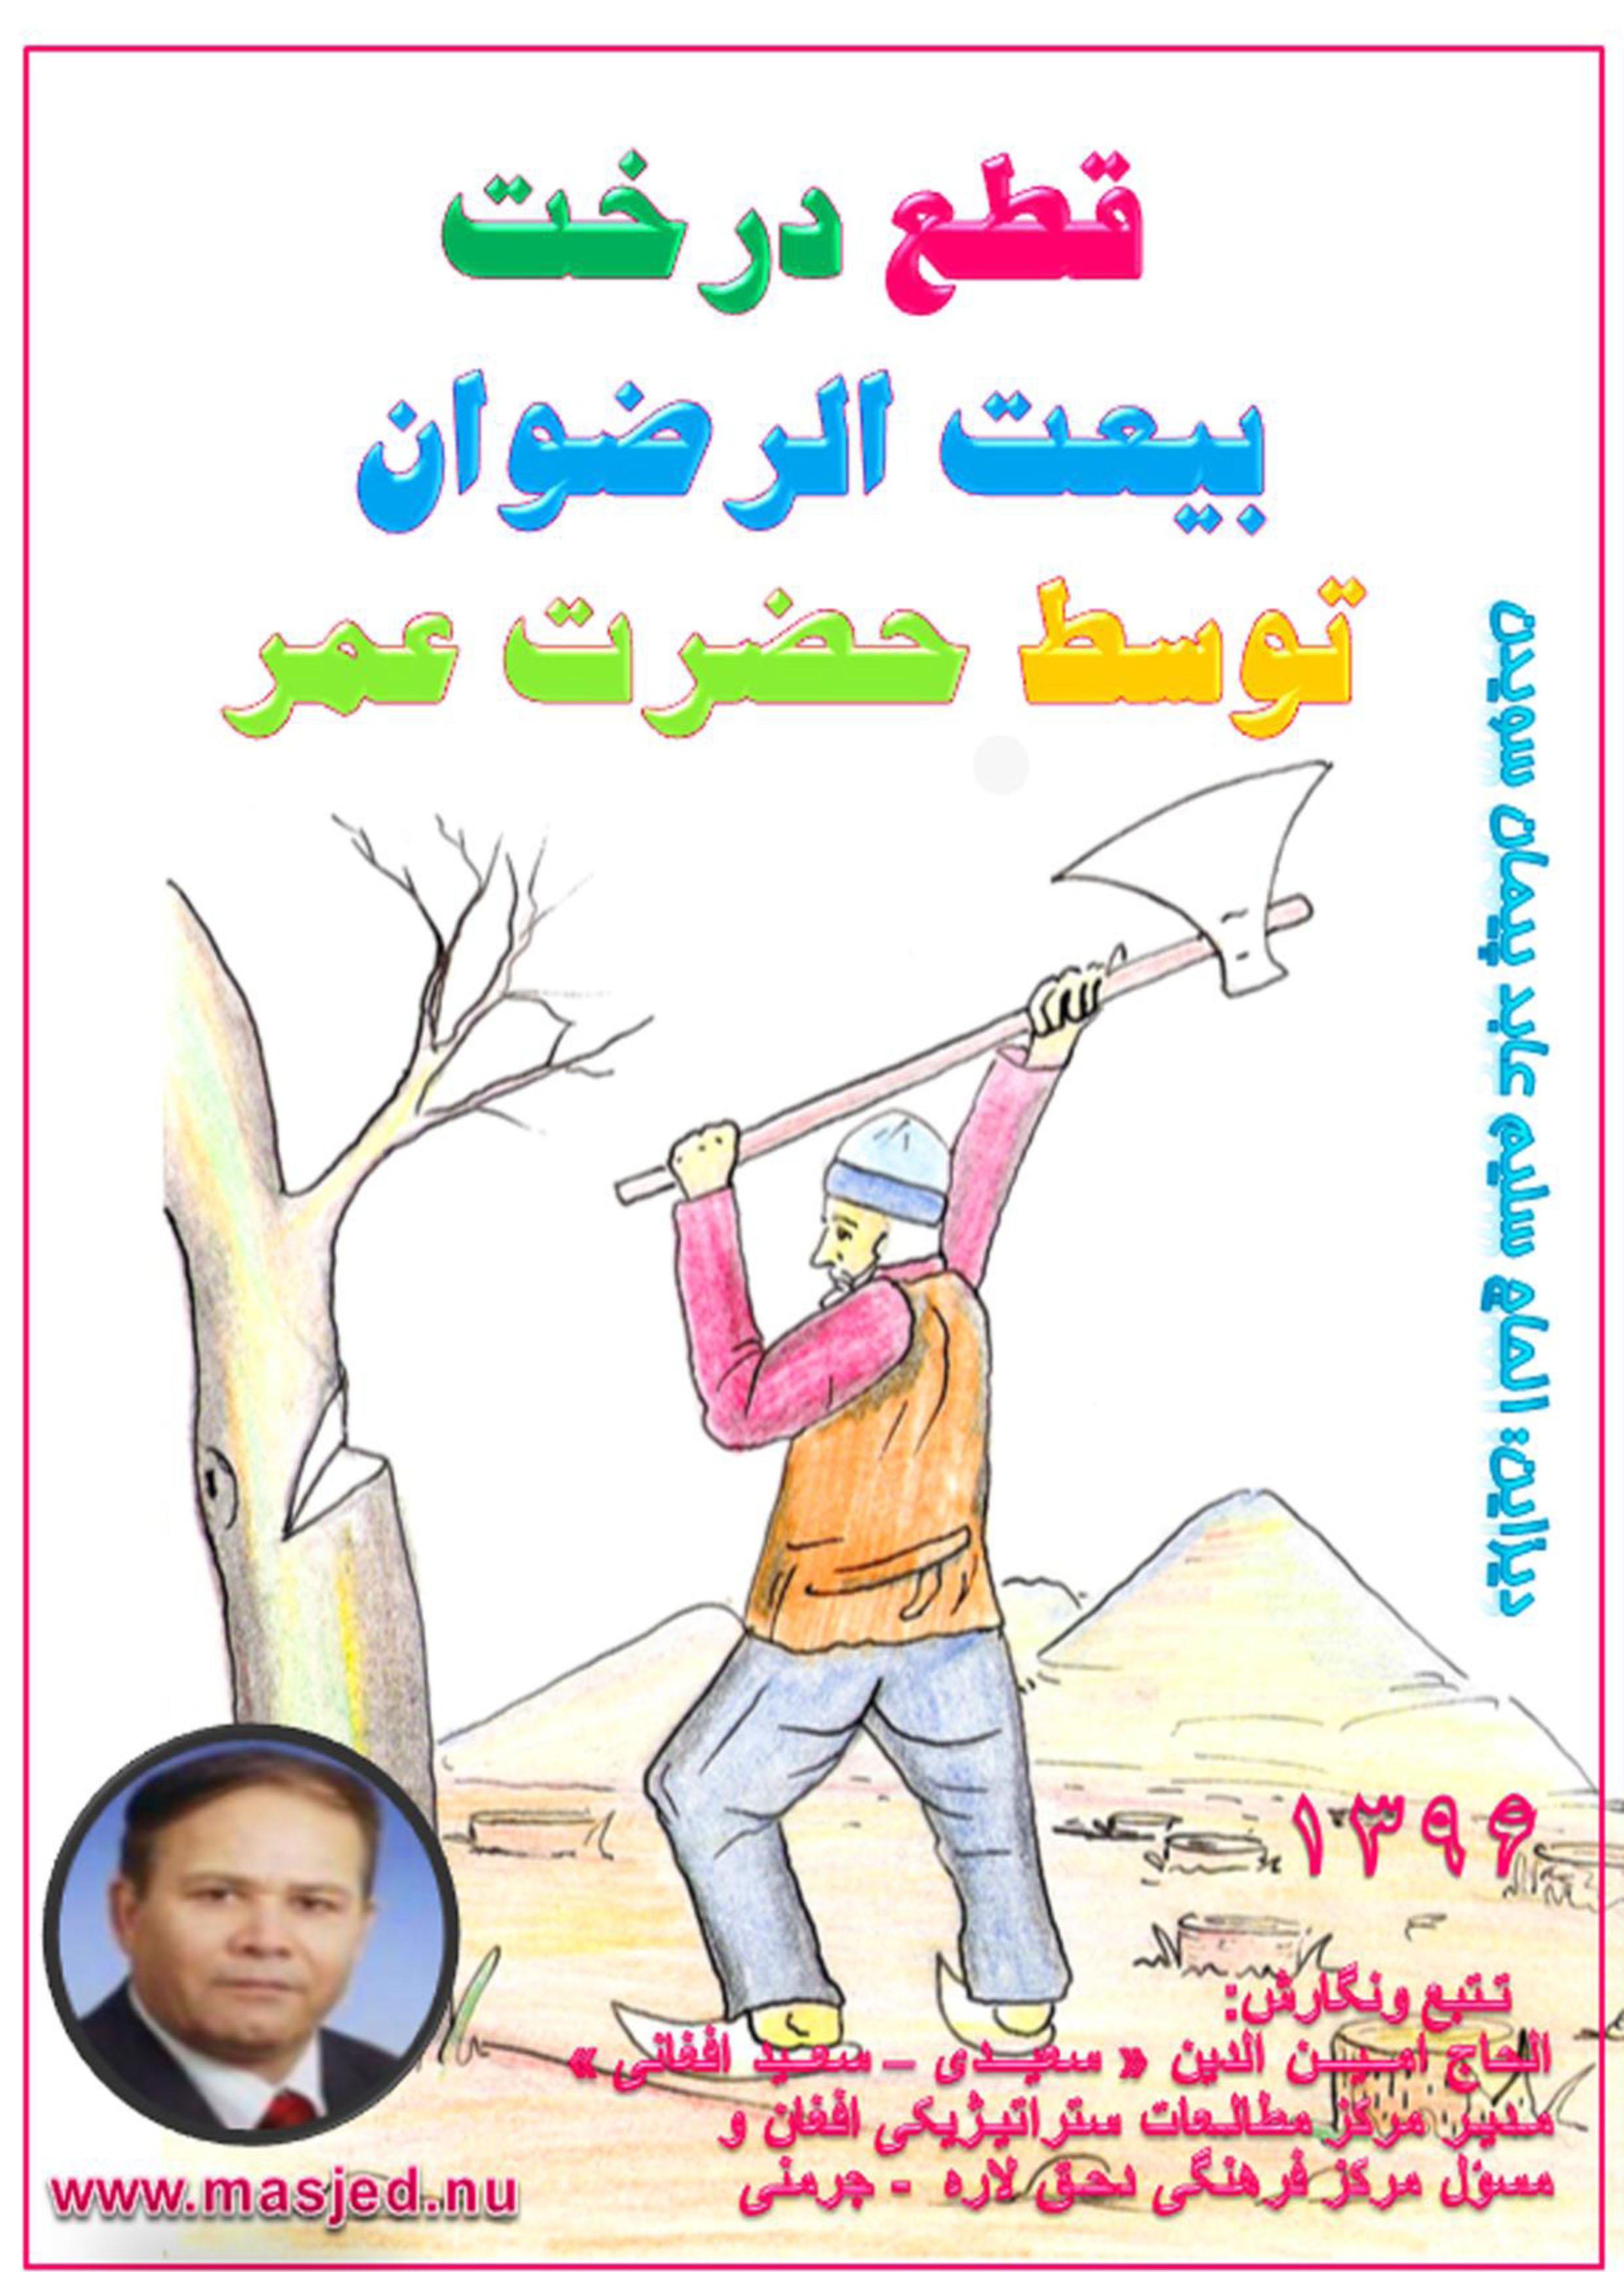 قطع درخت رضوان توسط حضرت عمر